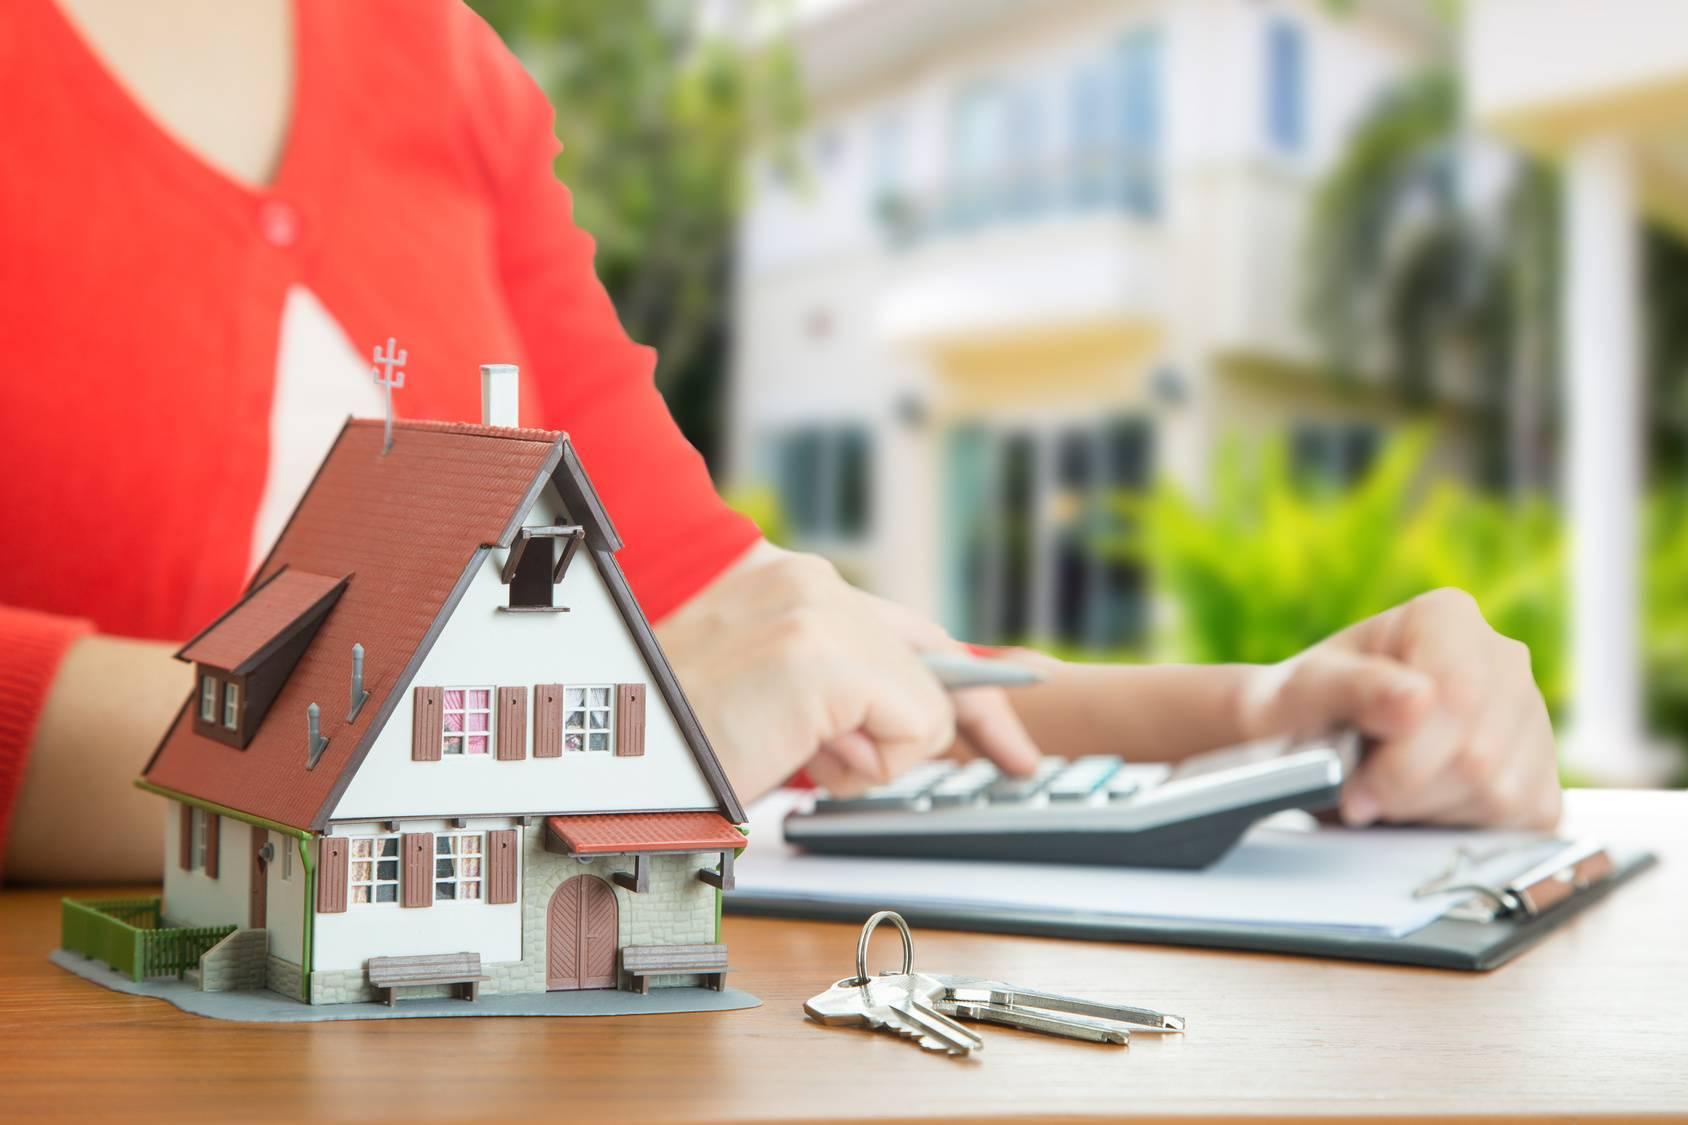 Снятие обременения по ипотеке 2020 в росеестре, как снять обременение с квартиры по ипотеке после погашения